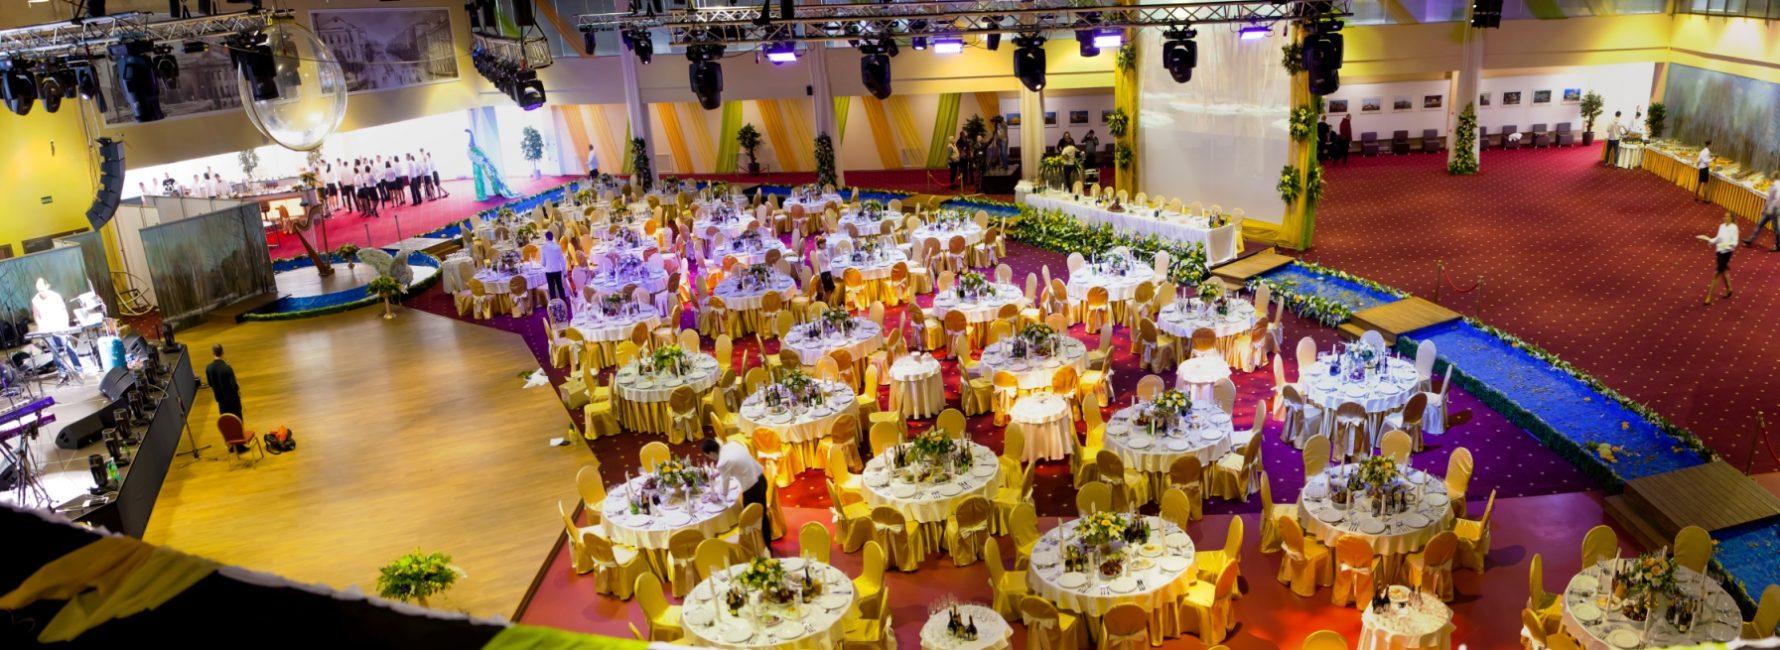 Юбилеи, свадьбы, выпускные вечера, корпоративы